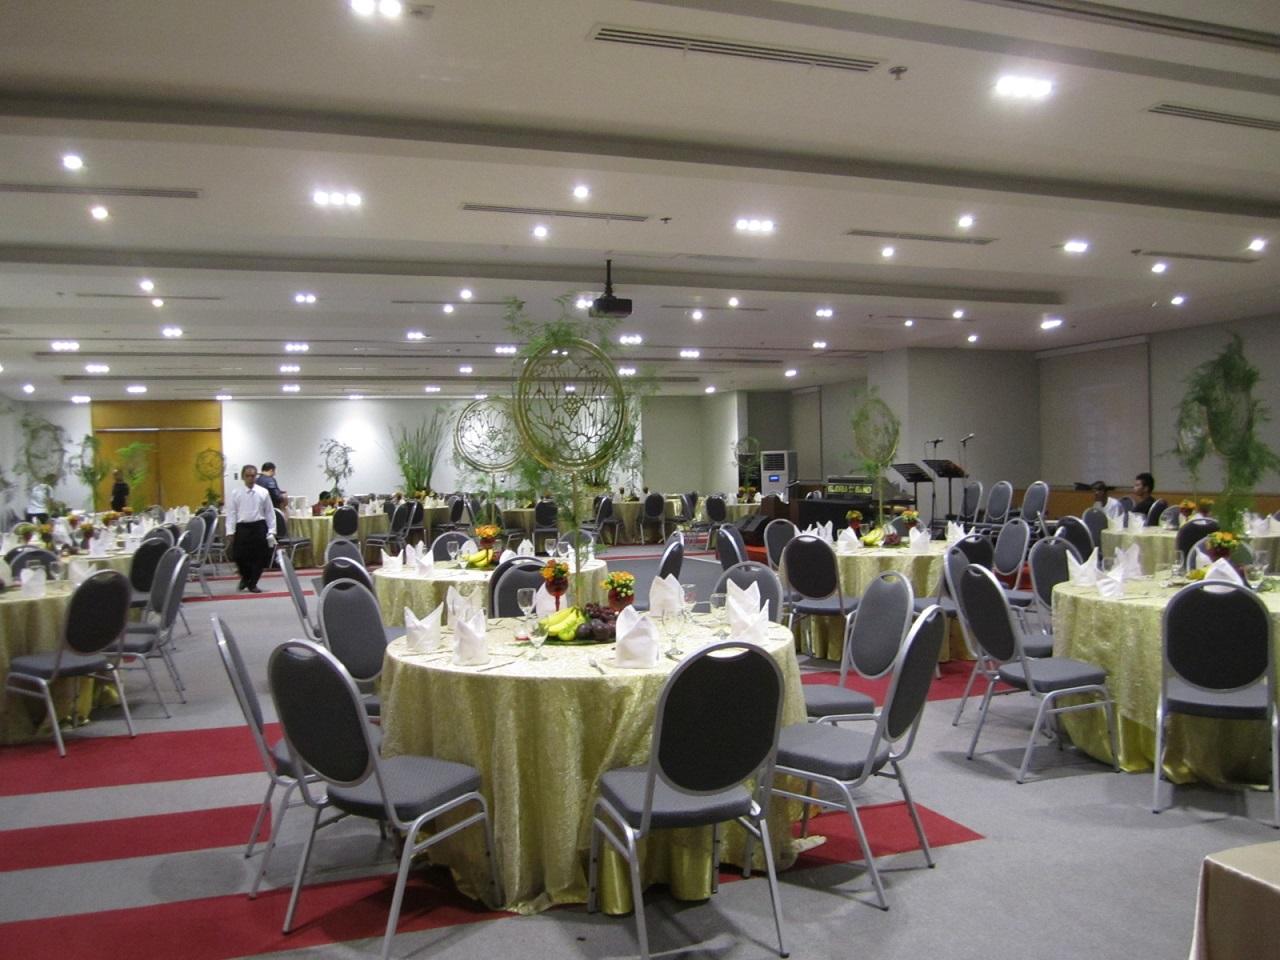 A wedding reception venue